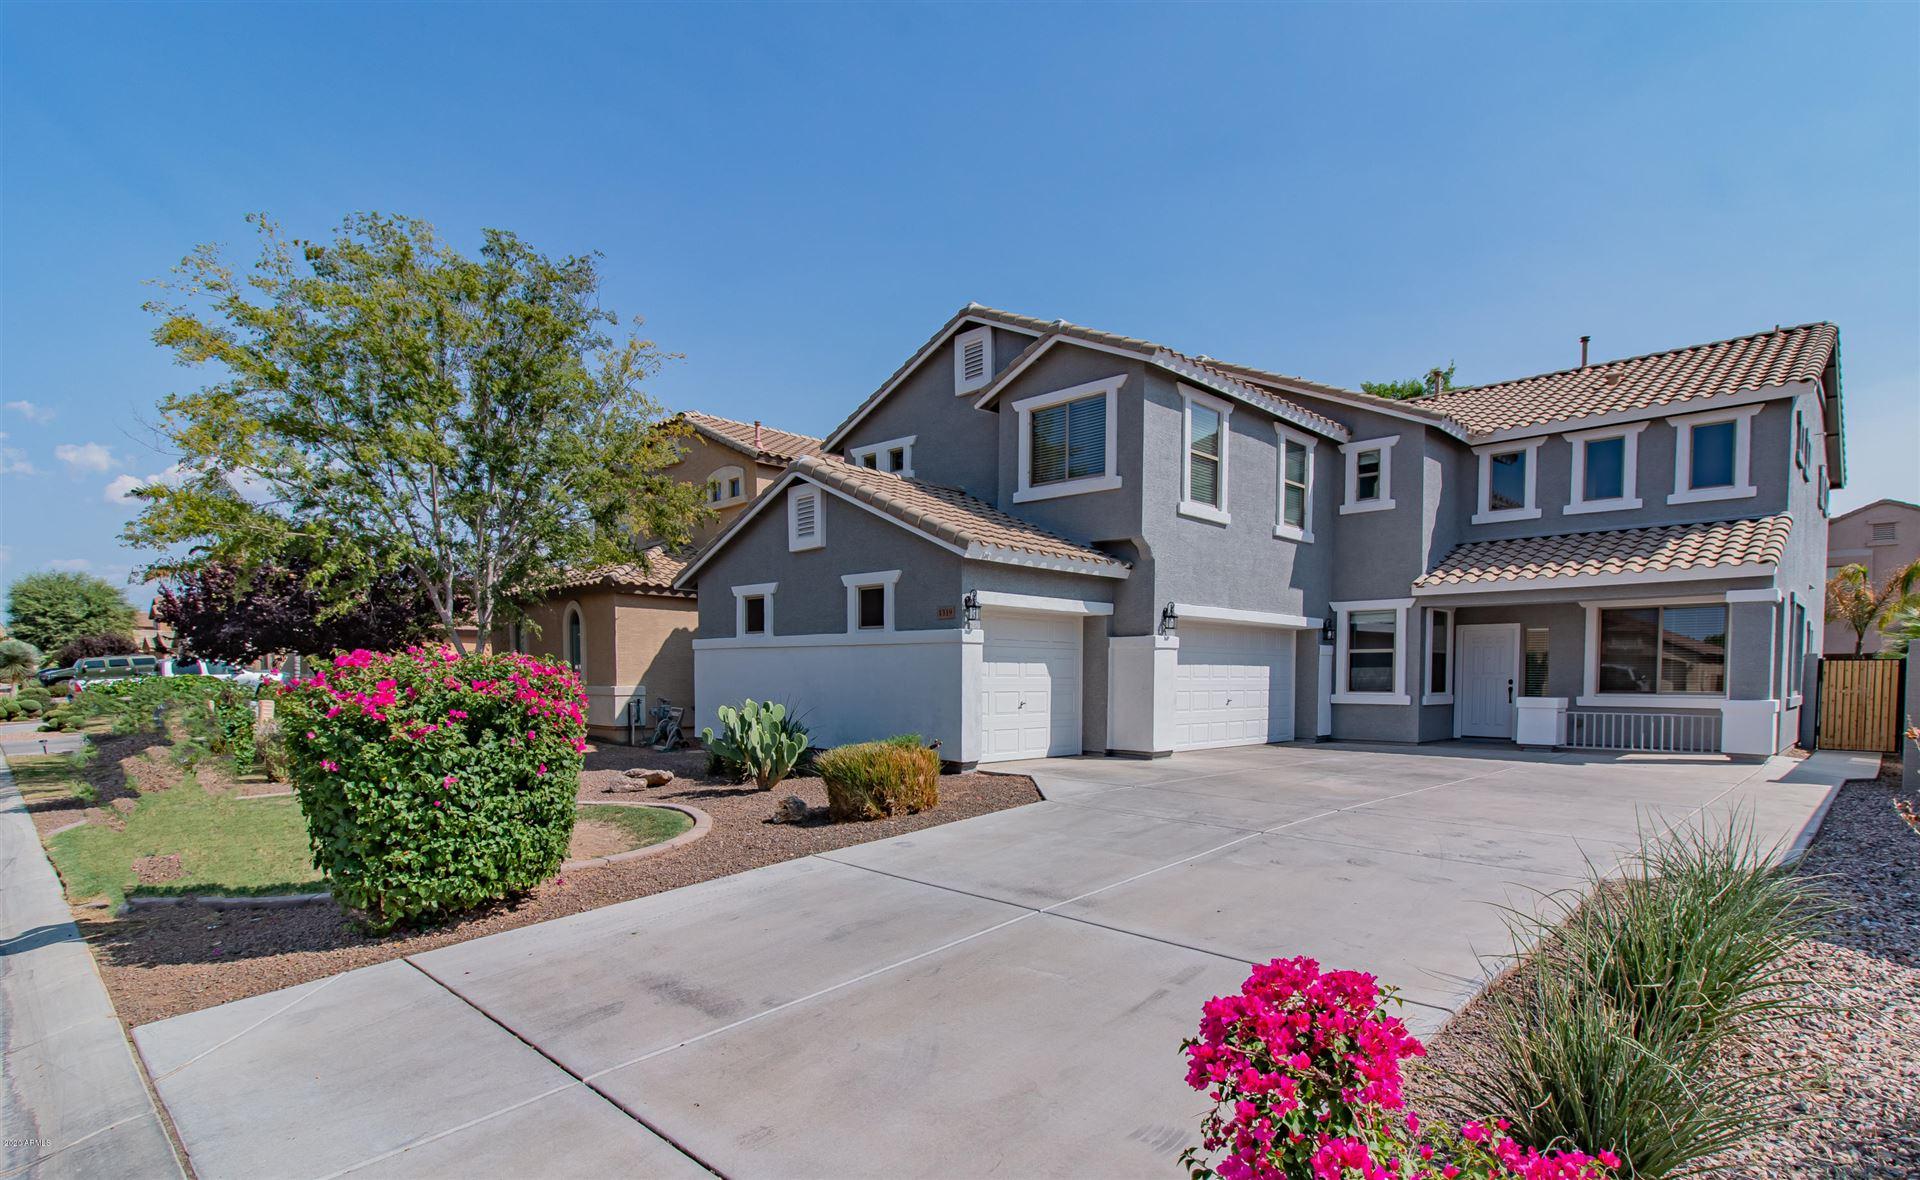 1319 E Debbie Drive, San Tan Valley, AZ 85140 - MLS#: 6132834